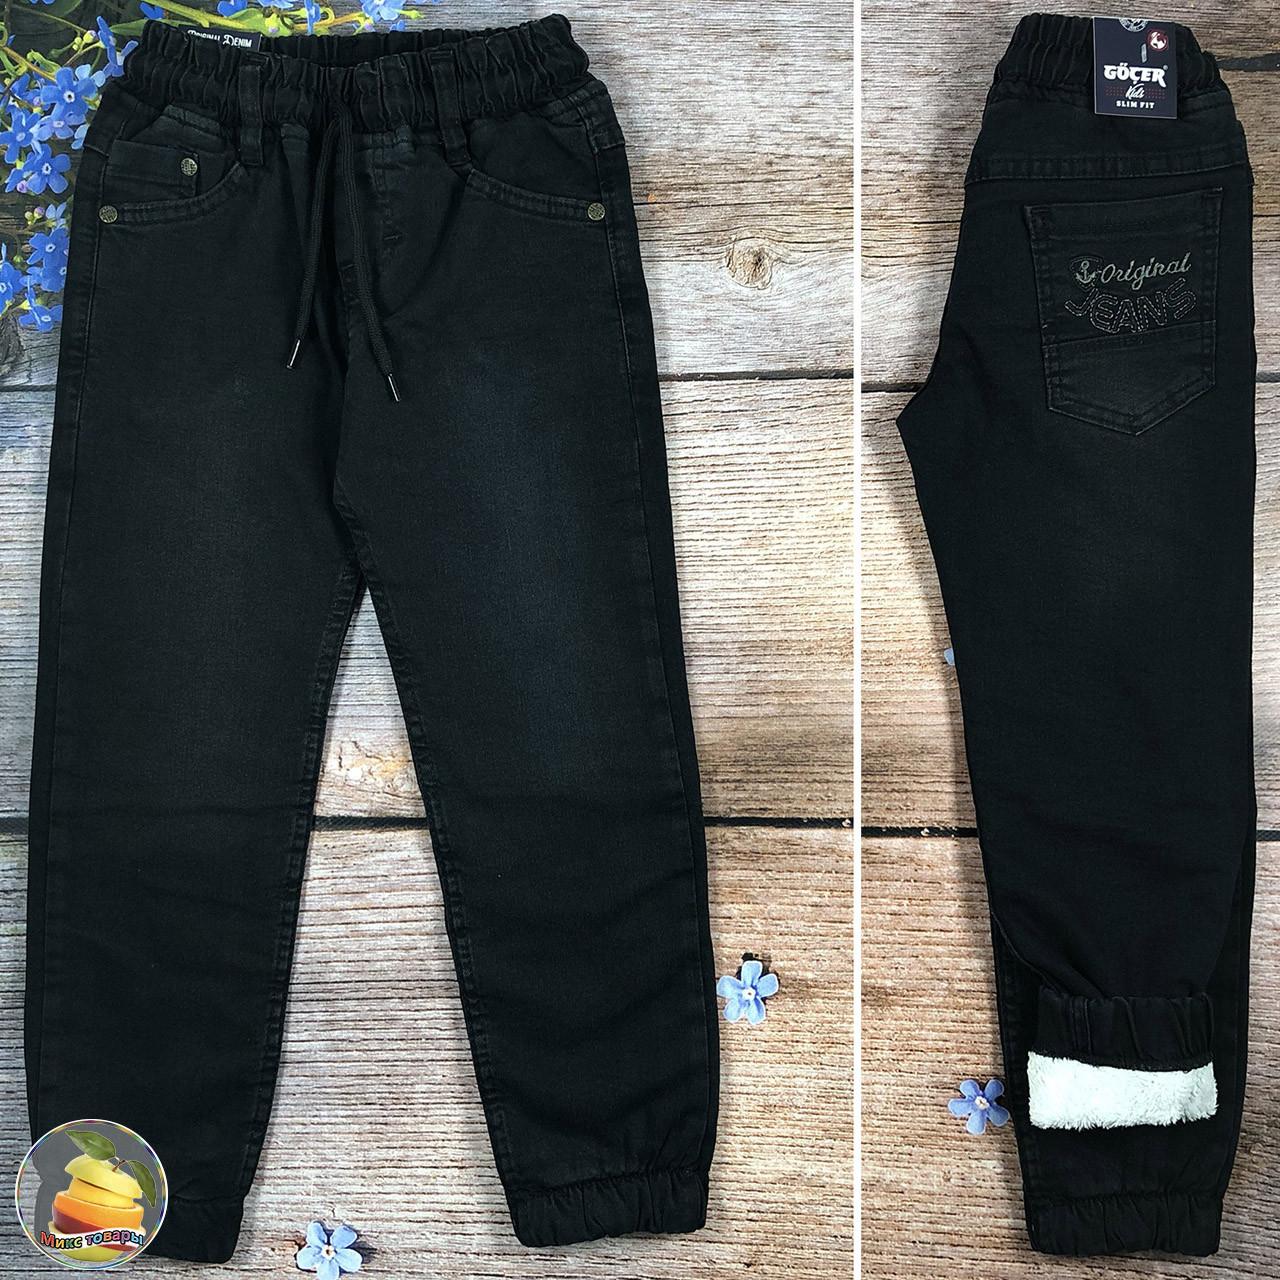 Чорні, теплі джинси з поясом на резинці для хлопчика Розміри: 5,6,7,8 років (20946-1)